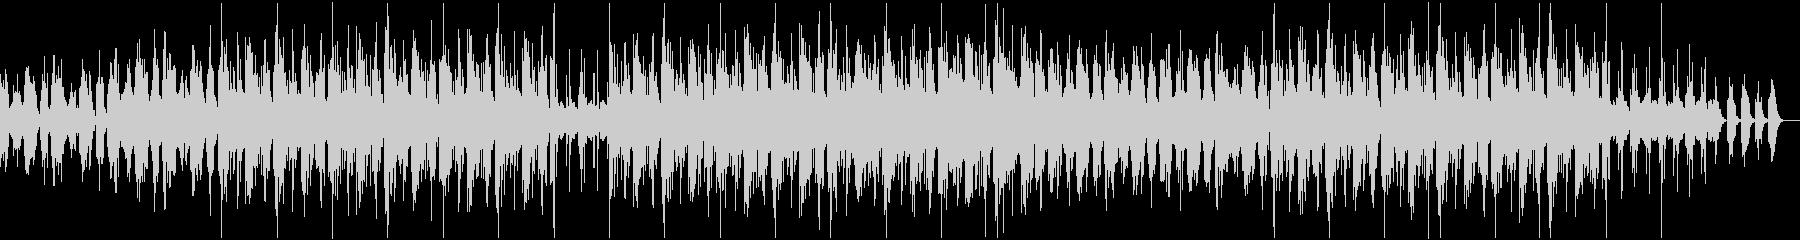 アンダーグラウンドでチルテイストなBGMの未再生の波形